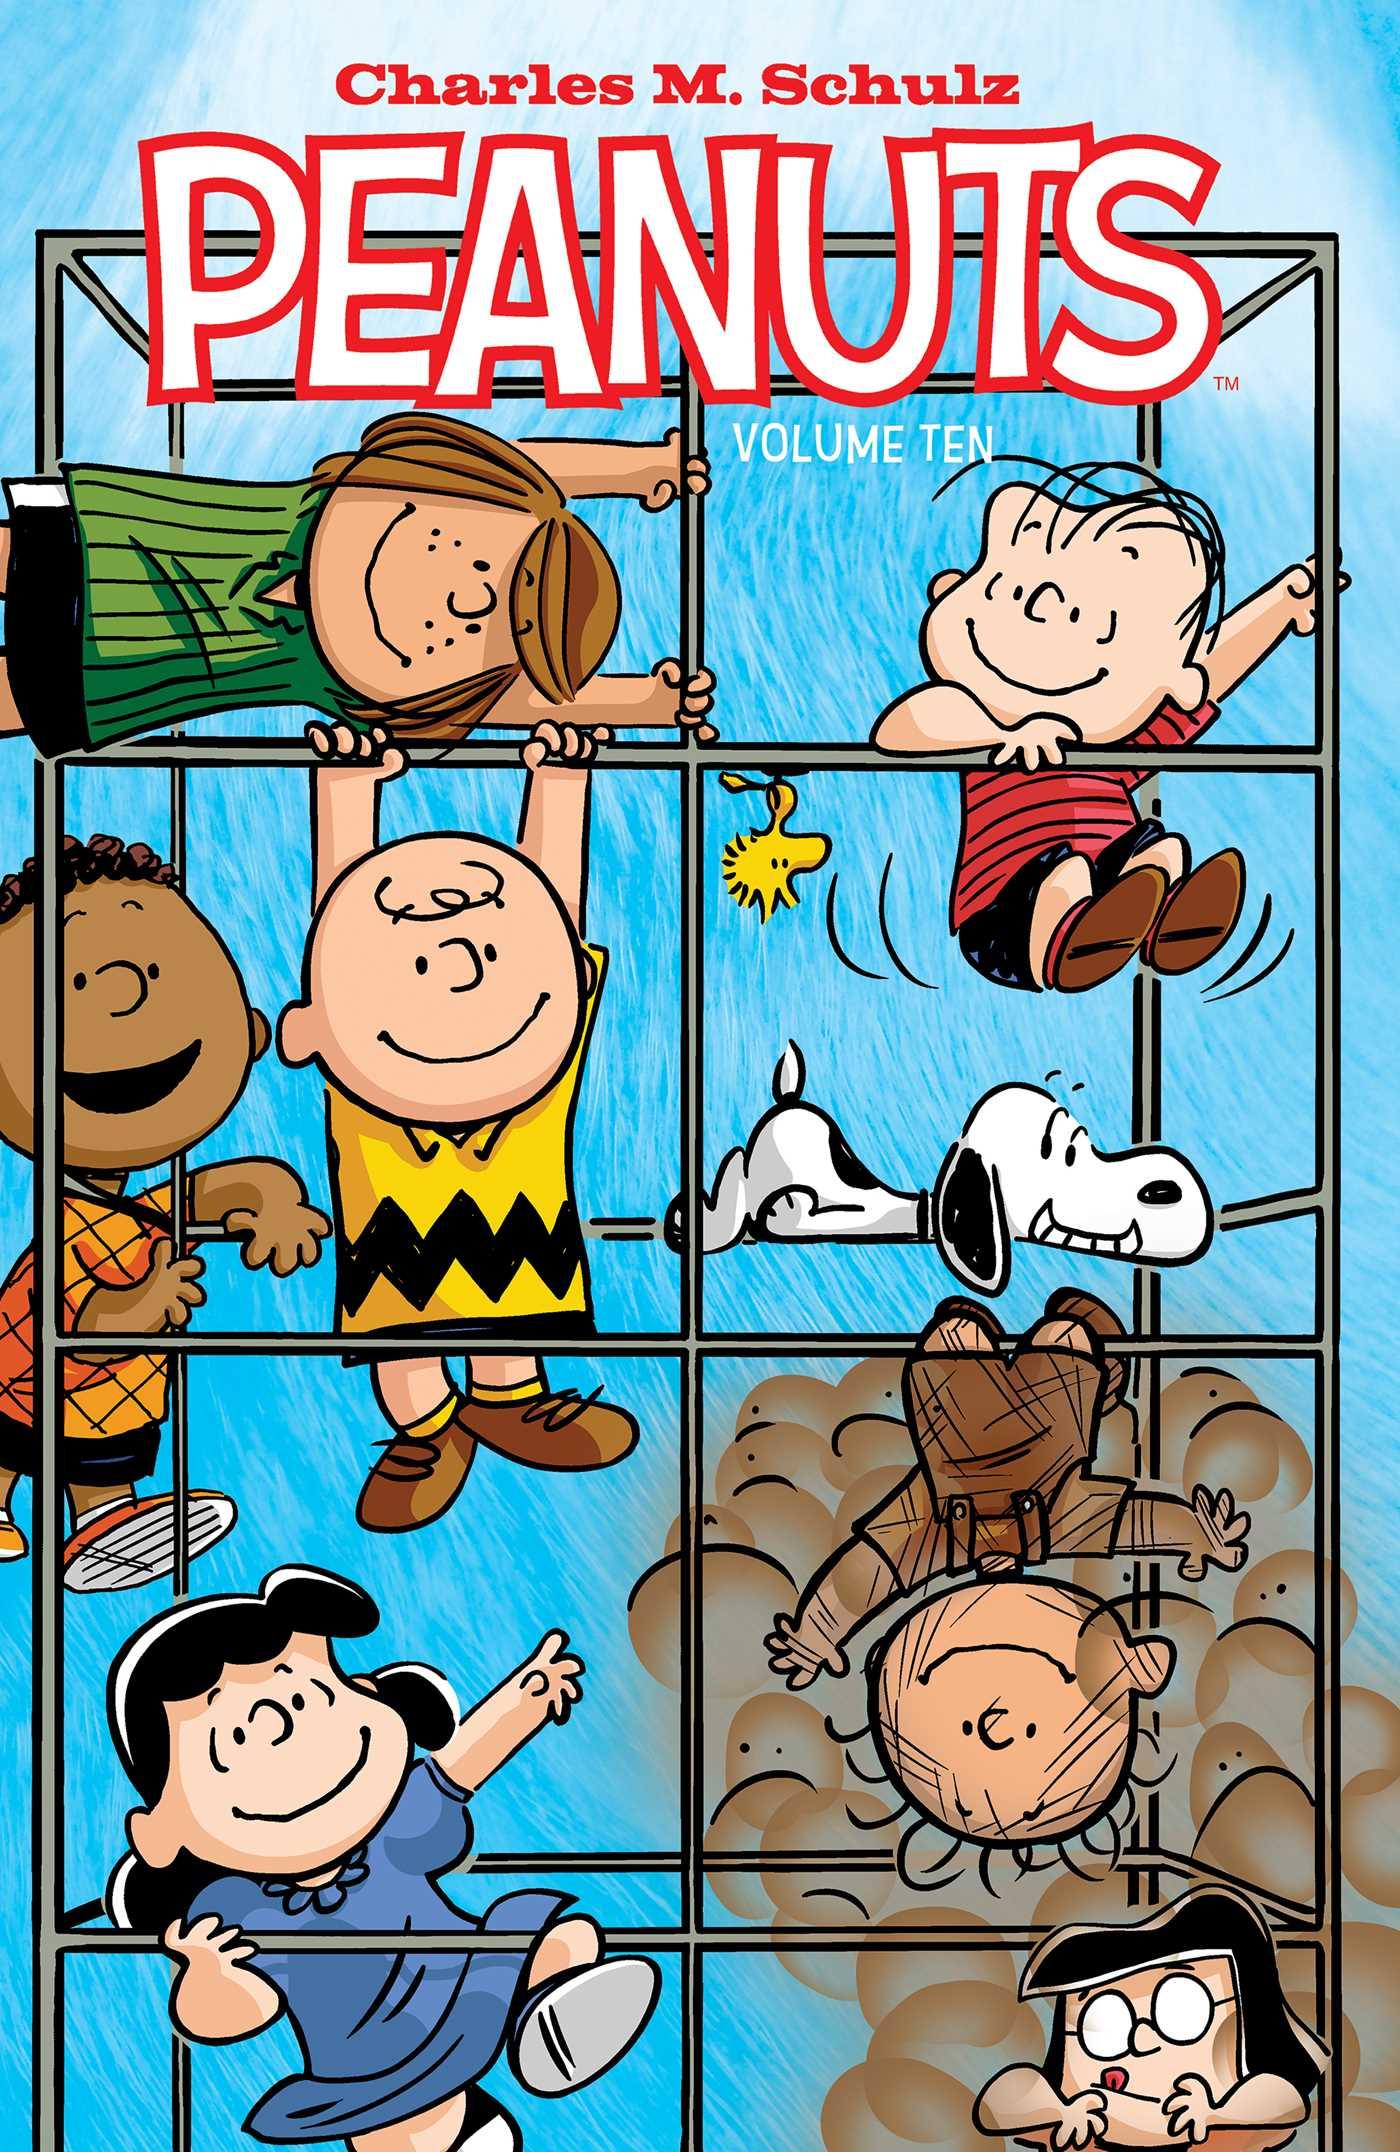 Peanuts vol 10 9781684152209 hr